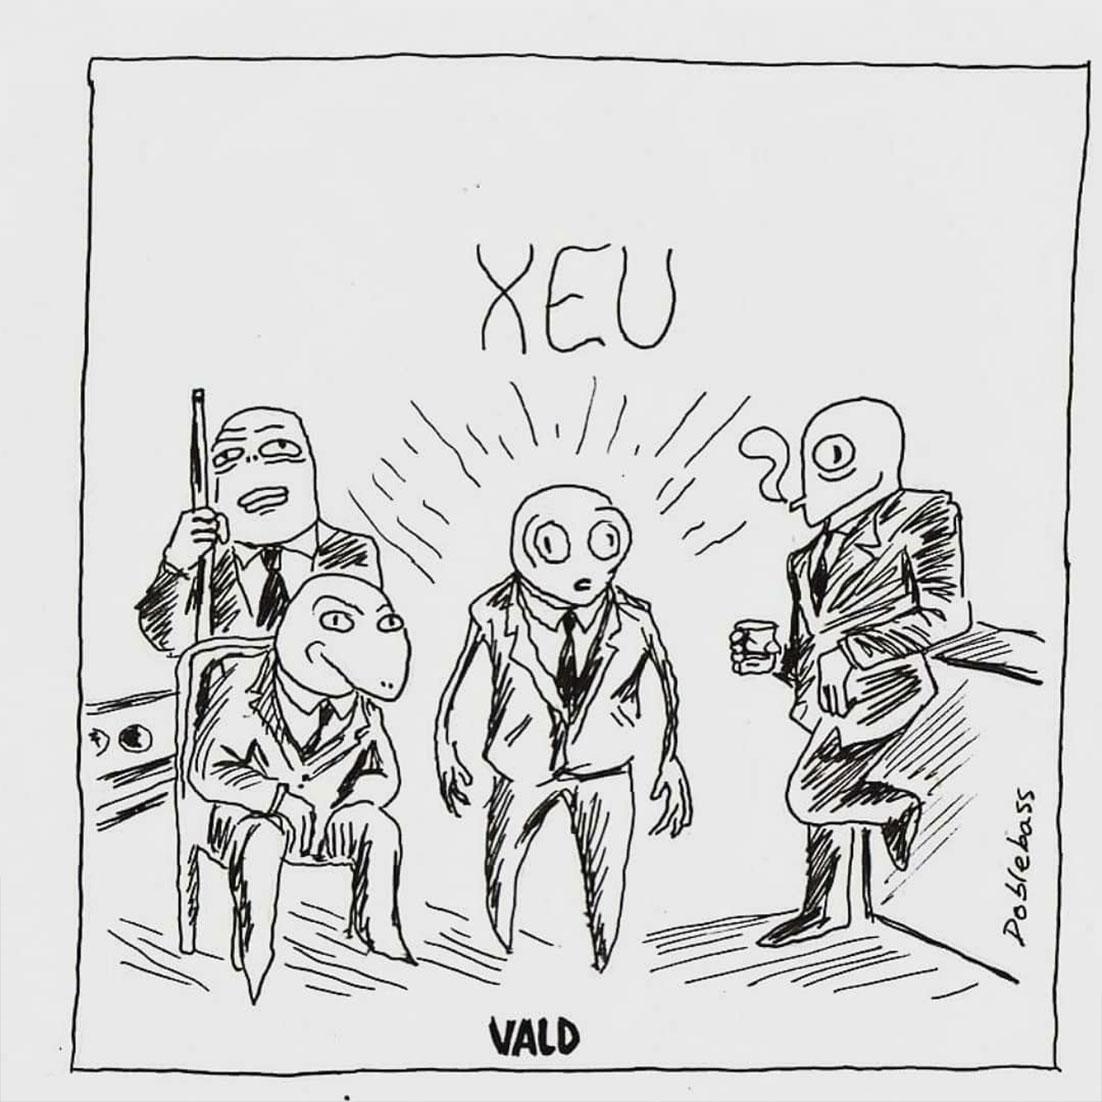 """Vald cover fans rap creation musique xeu reptiliens - Les meilleures pochettes réalisées pour """"XEU"""", le nouvel album de Vald"""